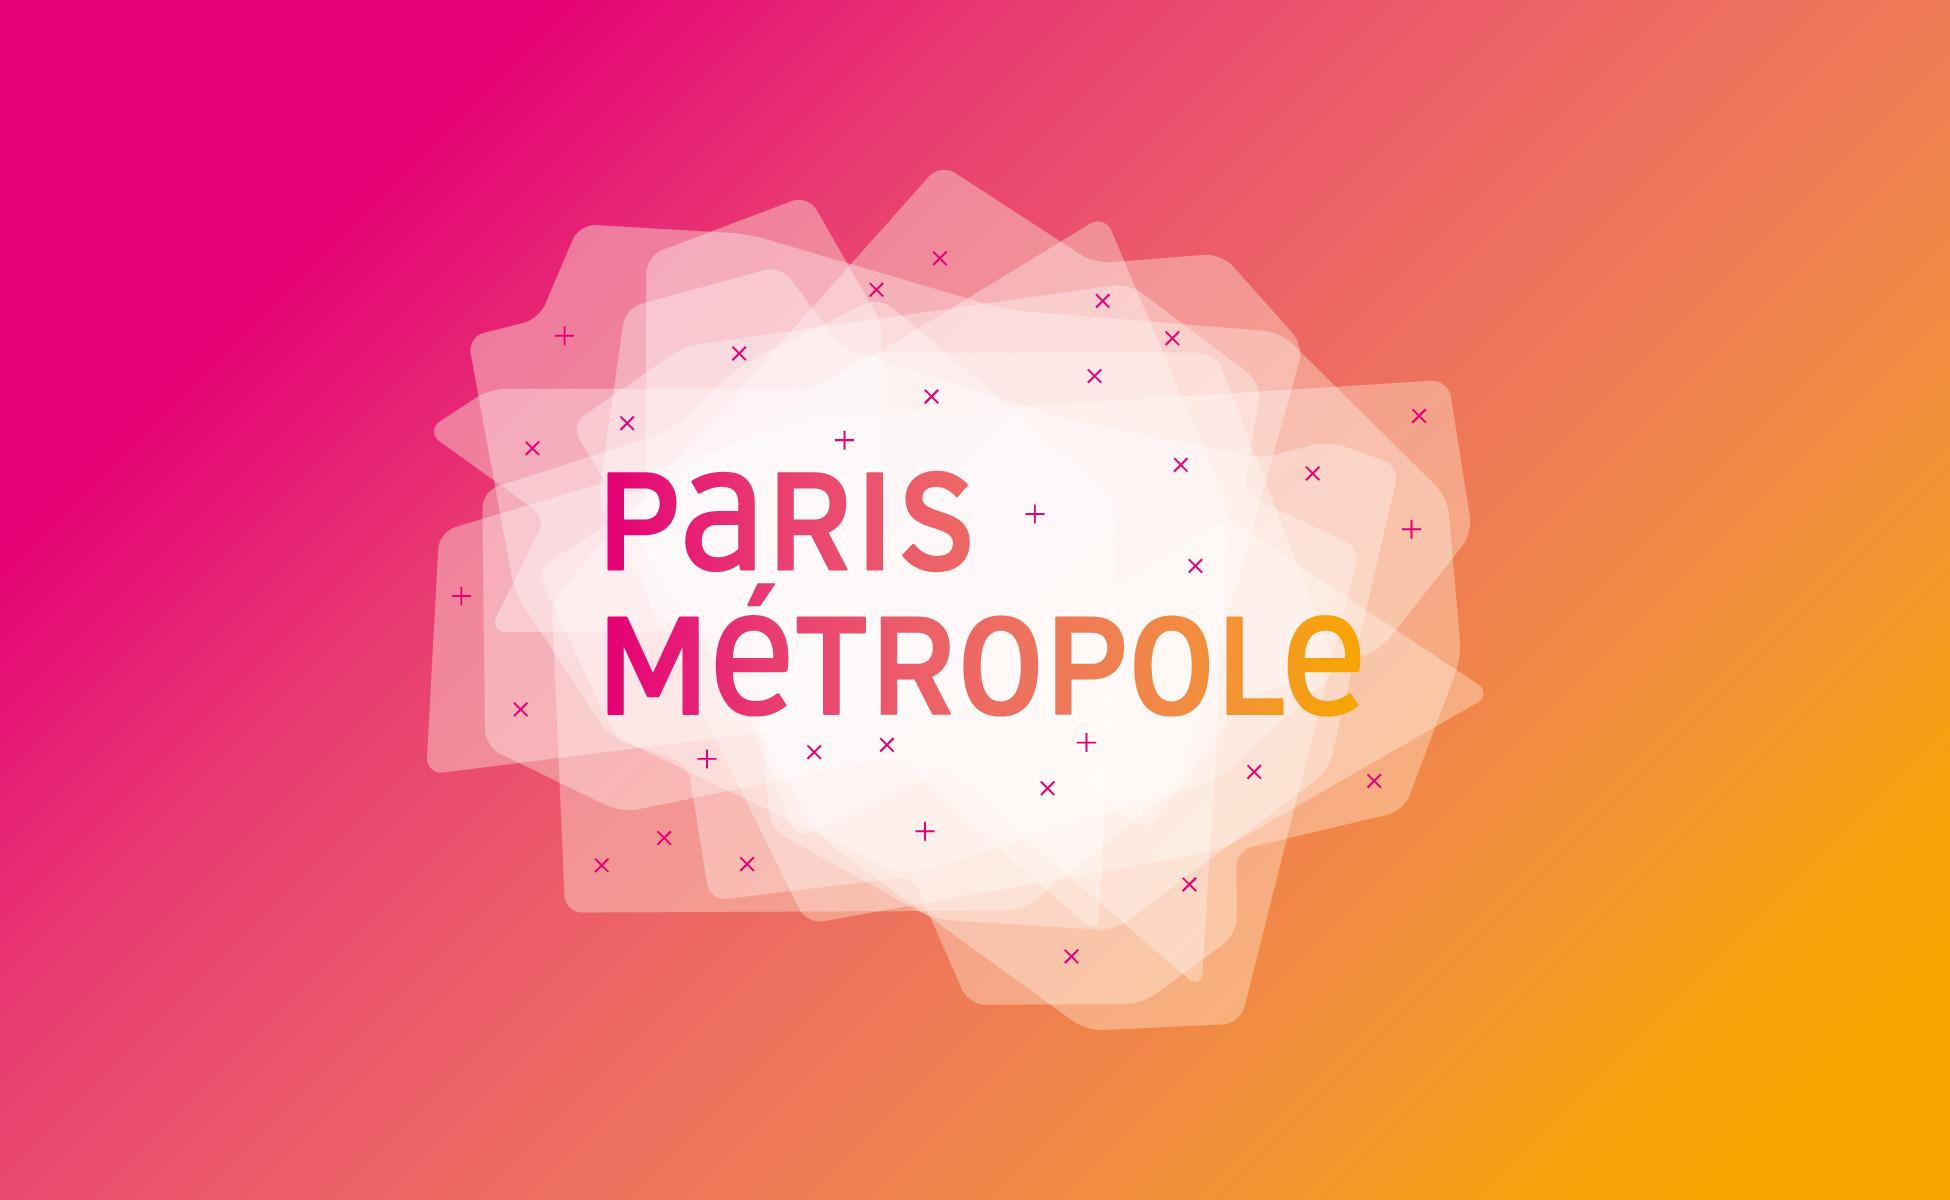 Paris métropole logo et typographie